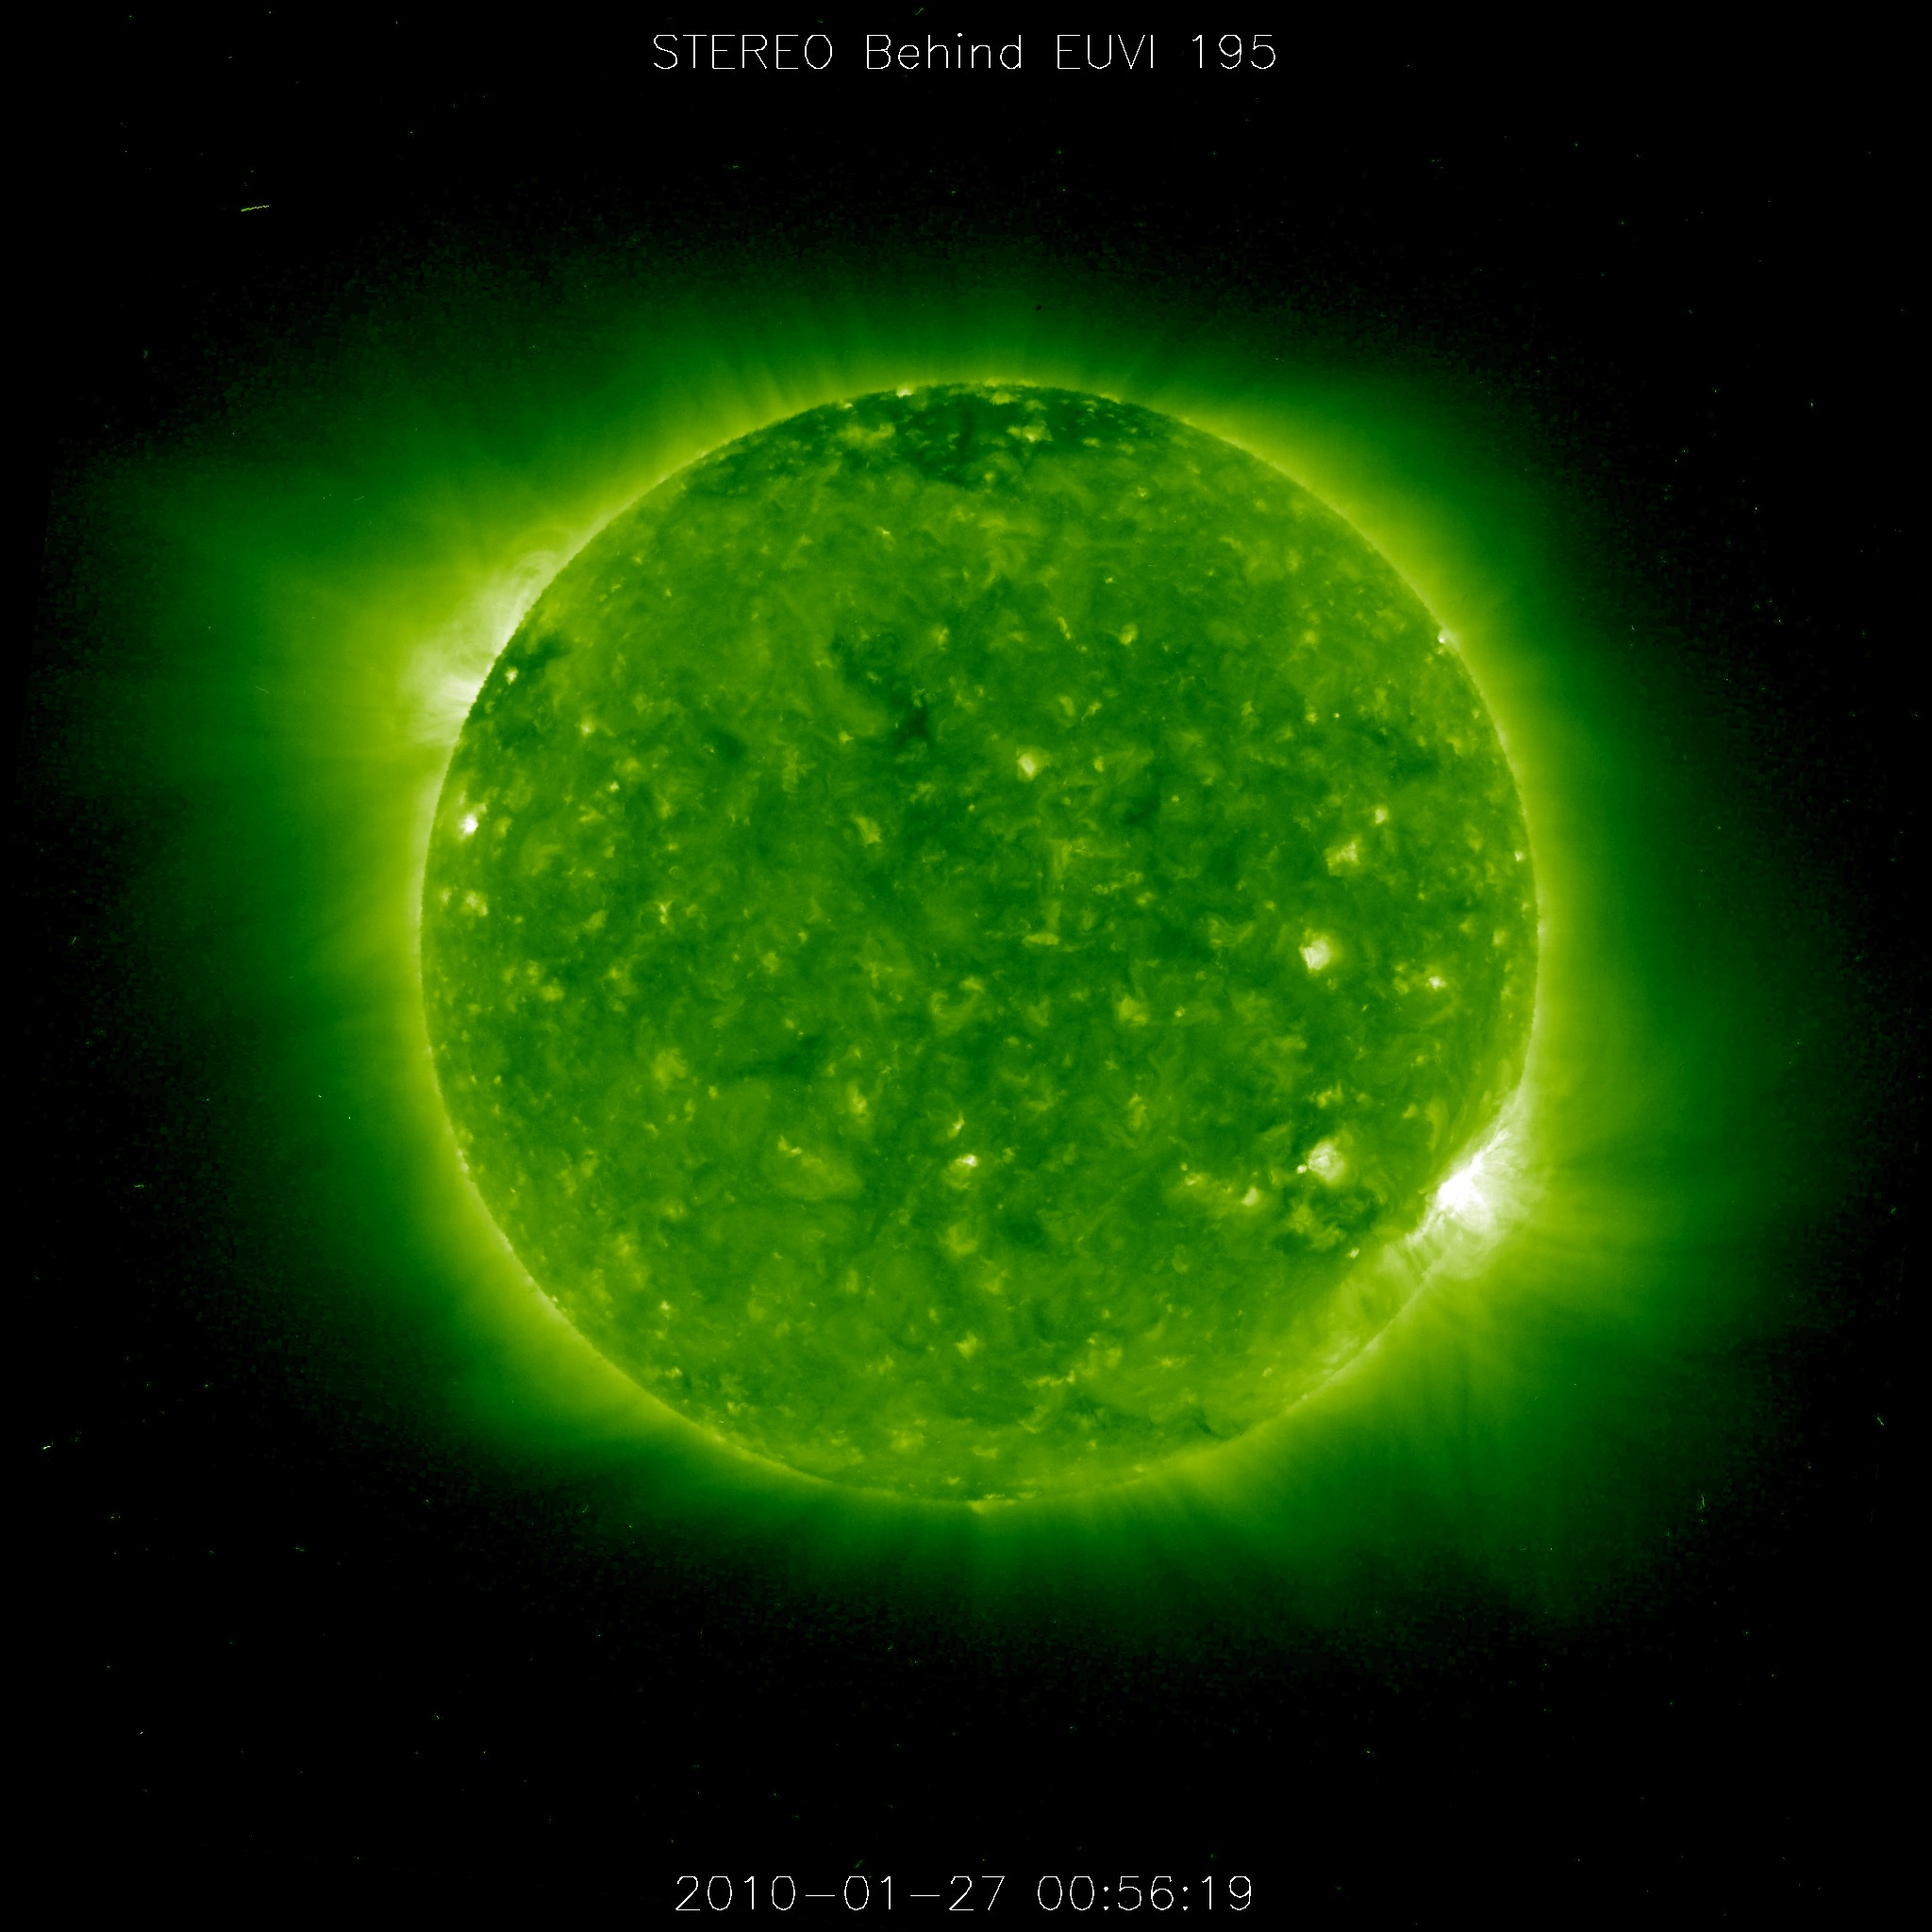 """太陽の周りを回る""""謎の宇宙文明""""?:NASAその証拠を消去!?_e0171614_1850455.jpg"""